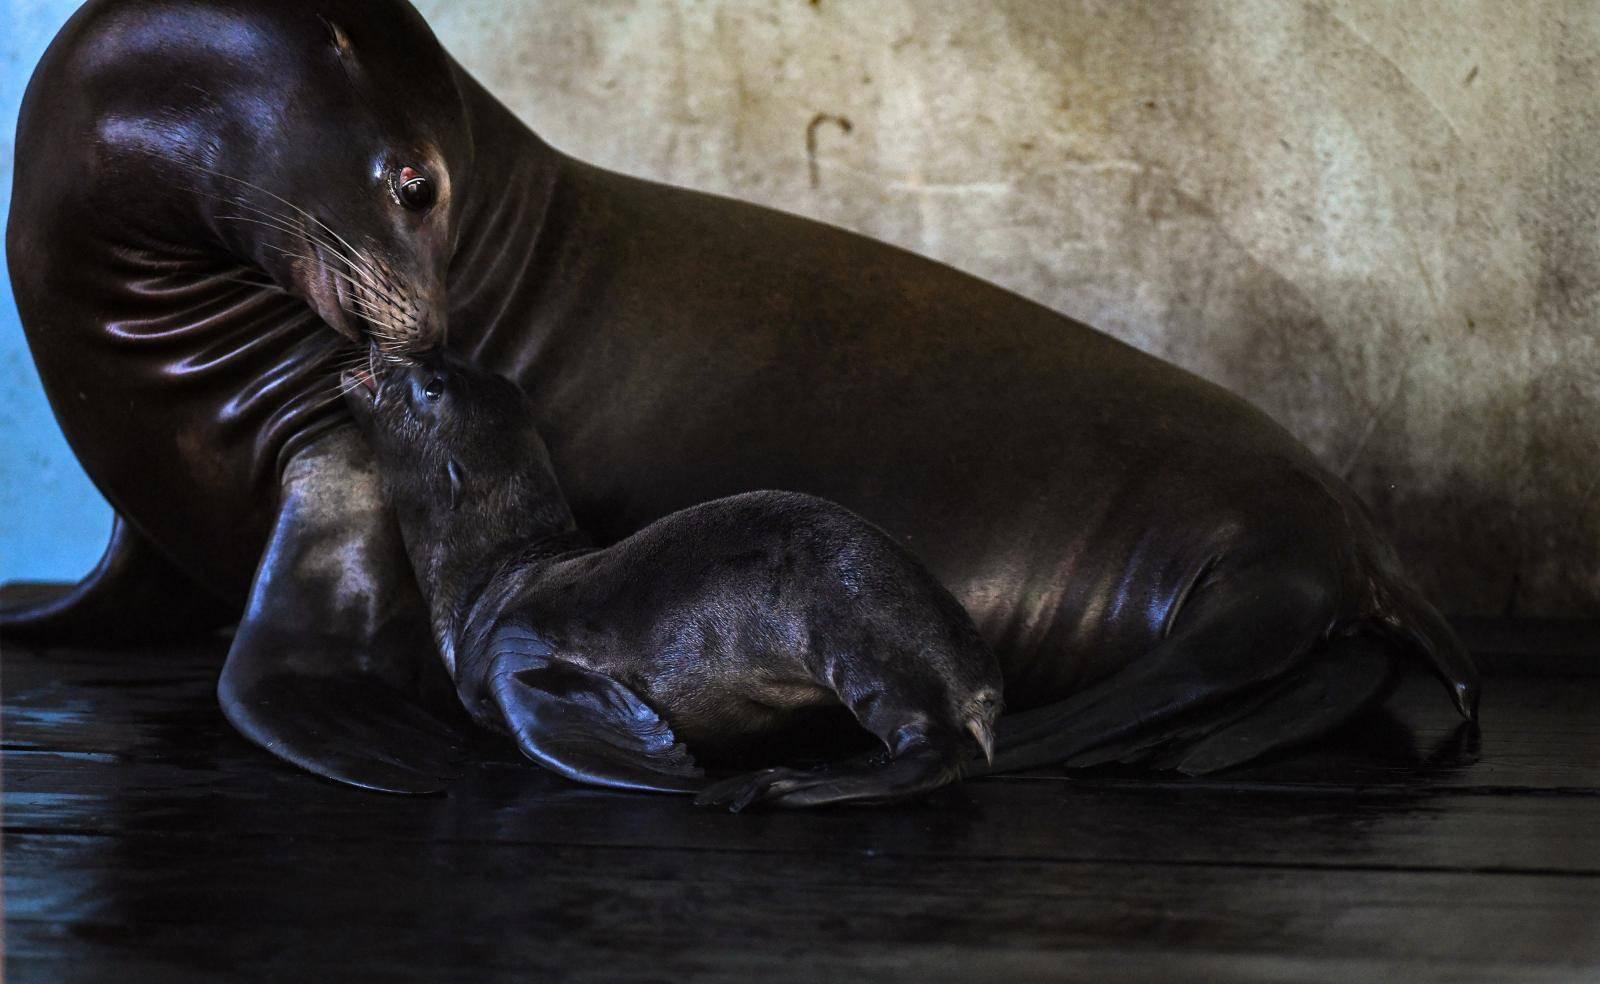 Morska lavica Edith progutala gumenu zmiju i uginula, njeno mladunče nije izdržalo bez nje